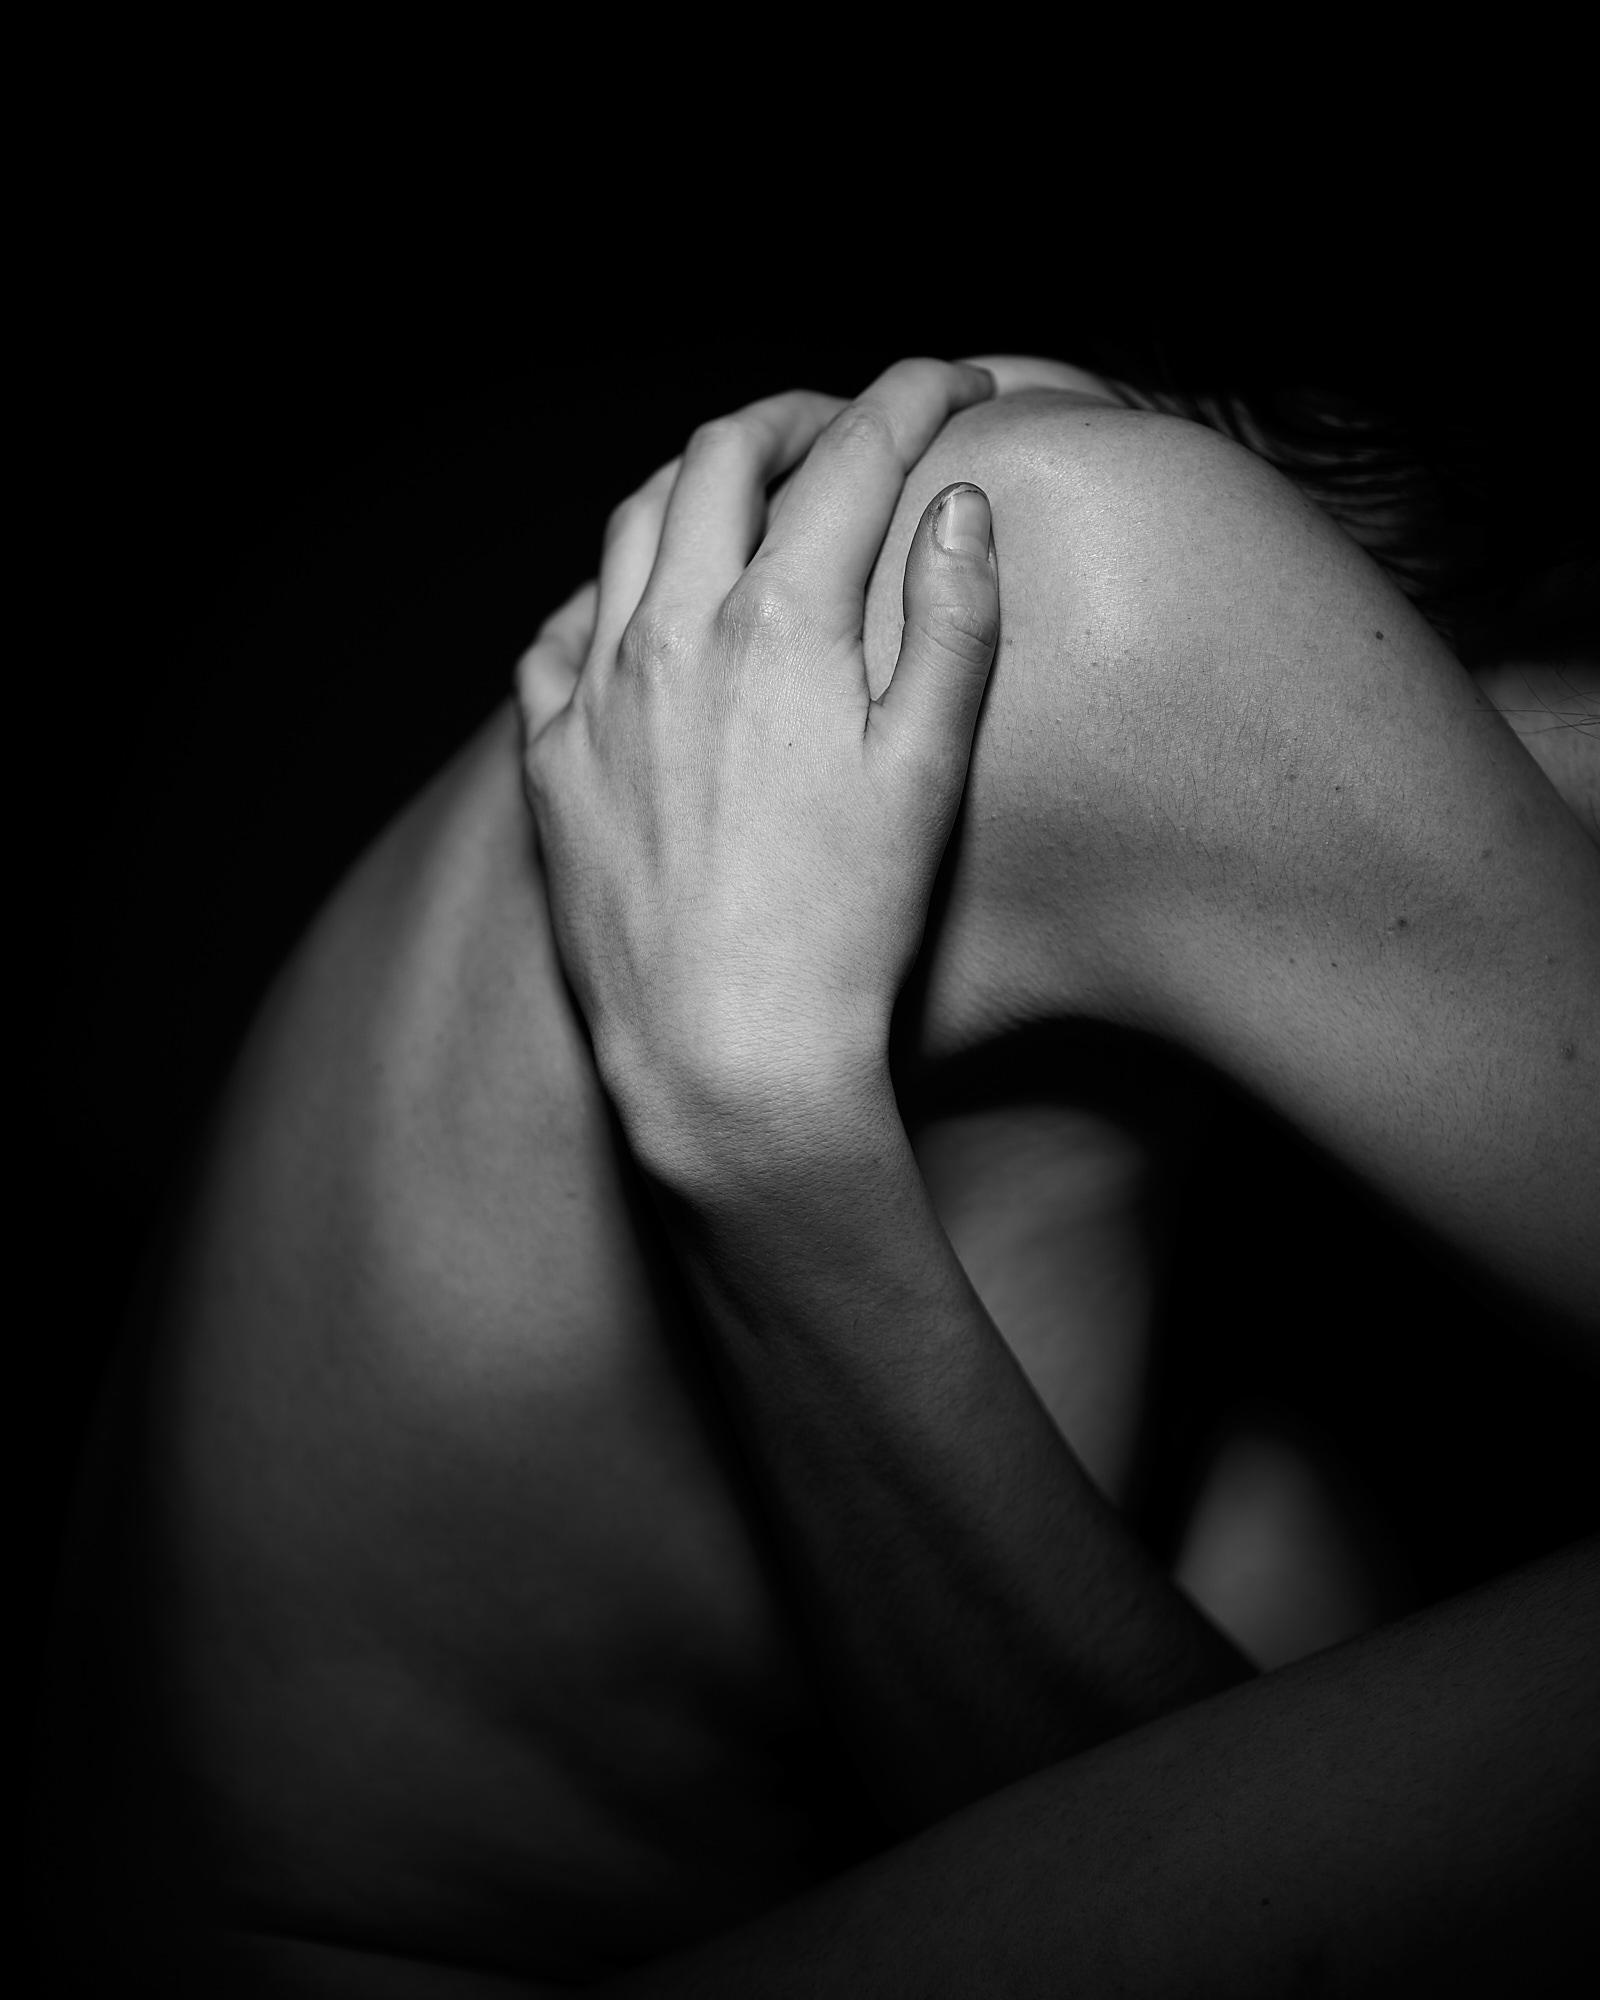 Détail d'une main sur un corps nu